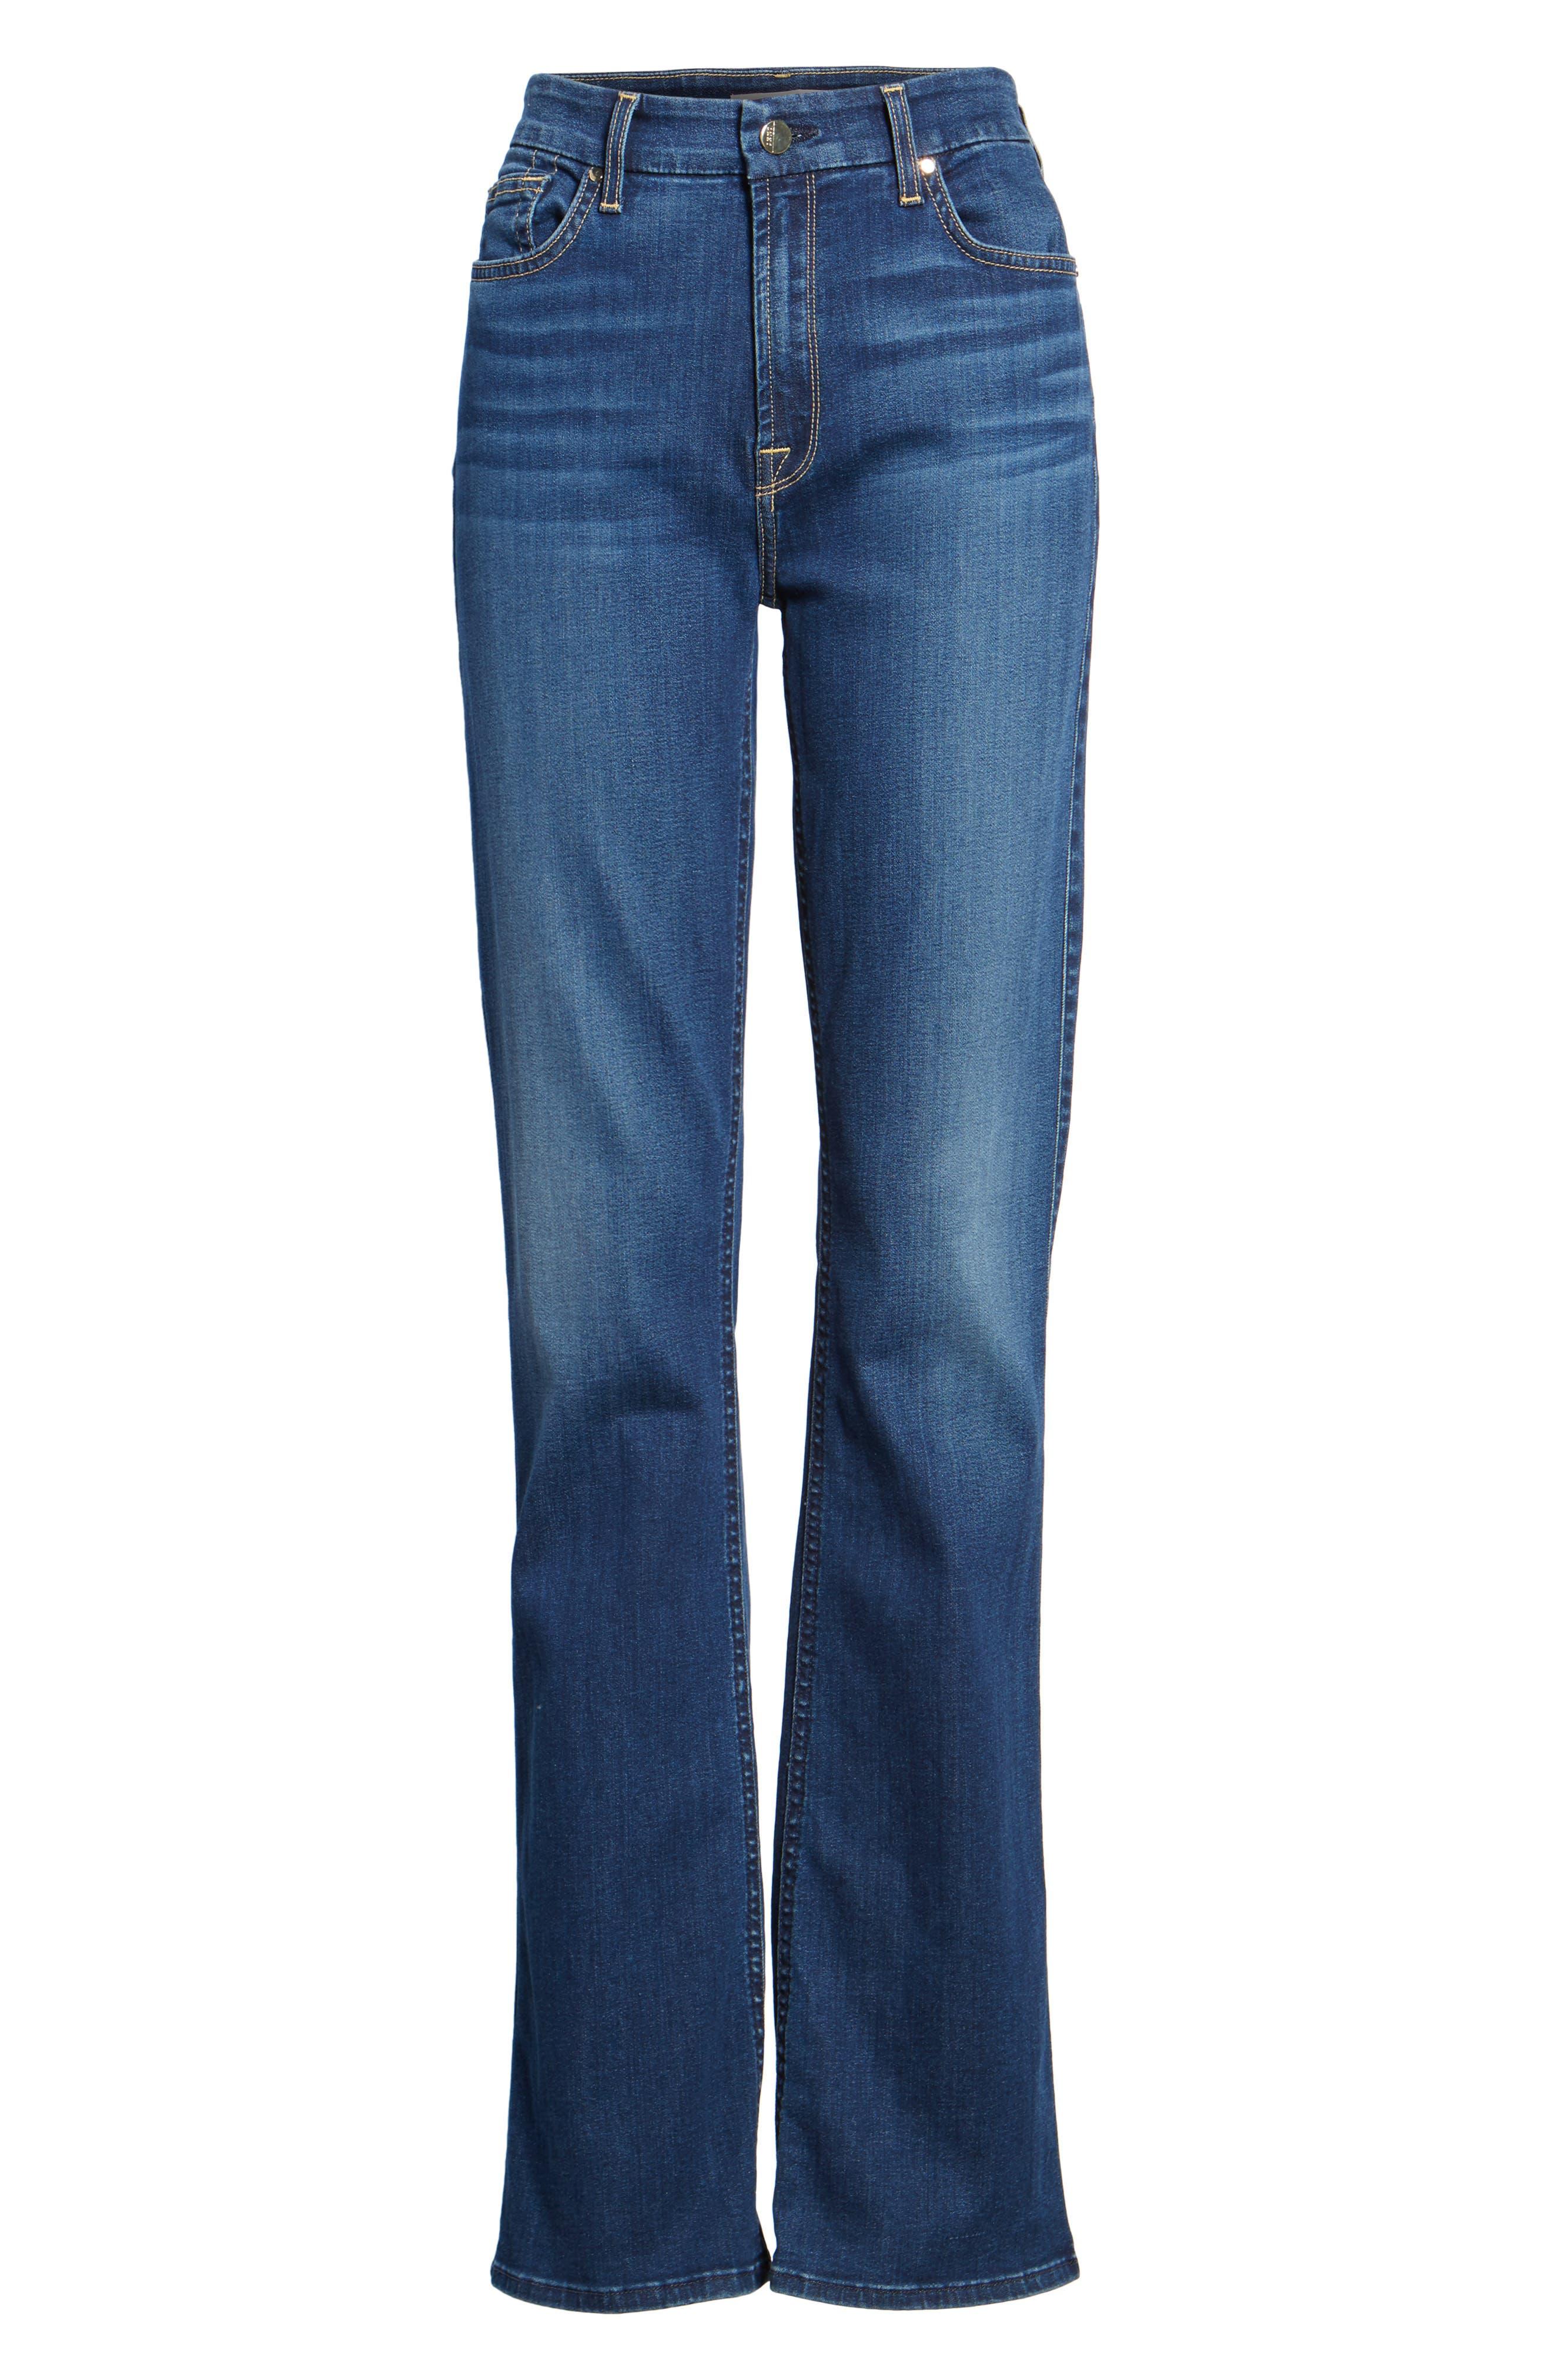 Slim Bootcut Jeans,                             Alternate thumbnail 6, color,                             Riche Touch Medium Blue